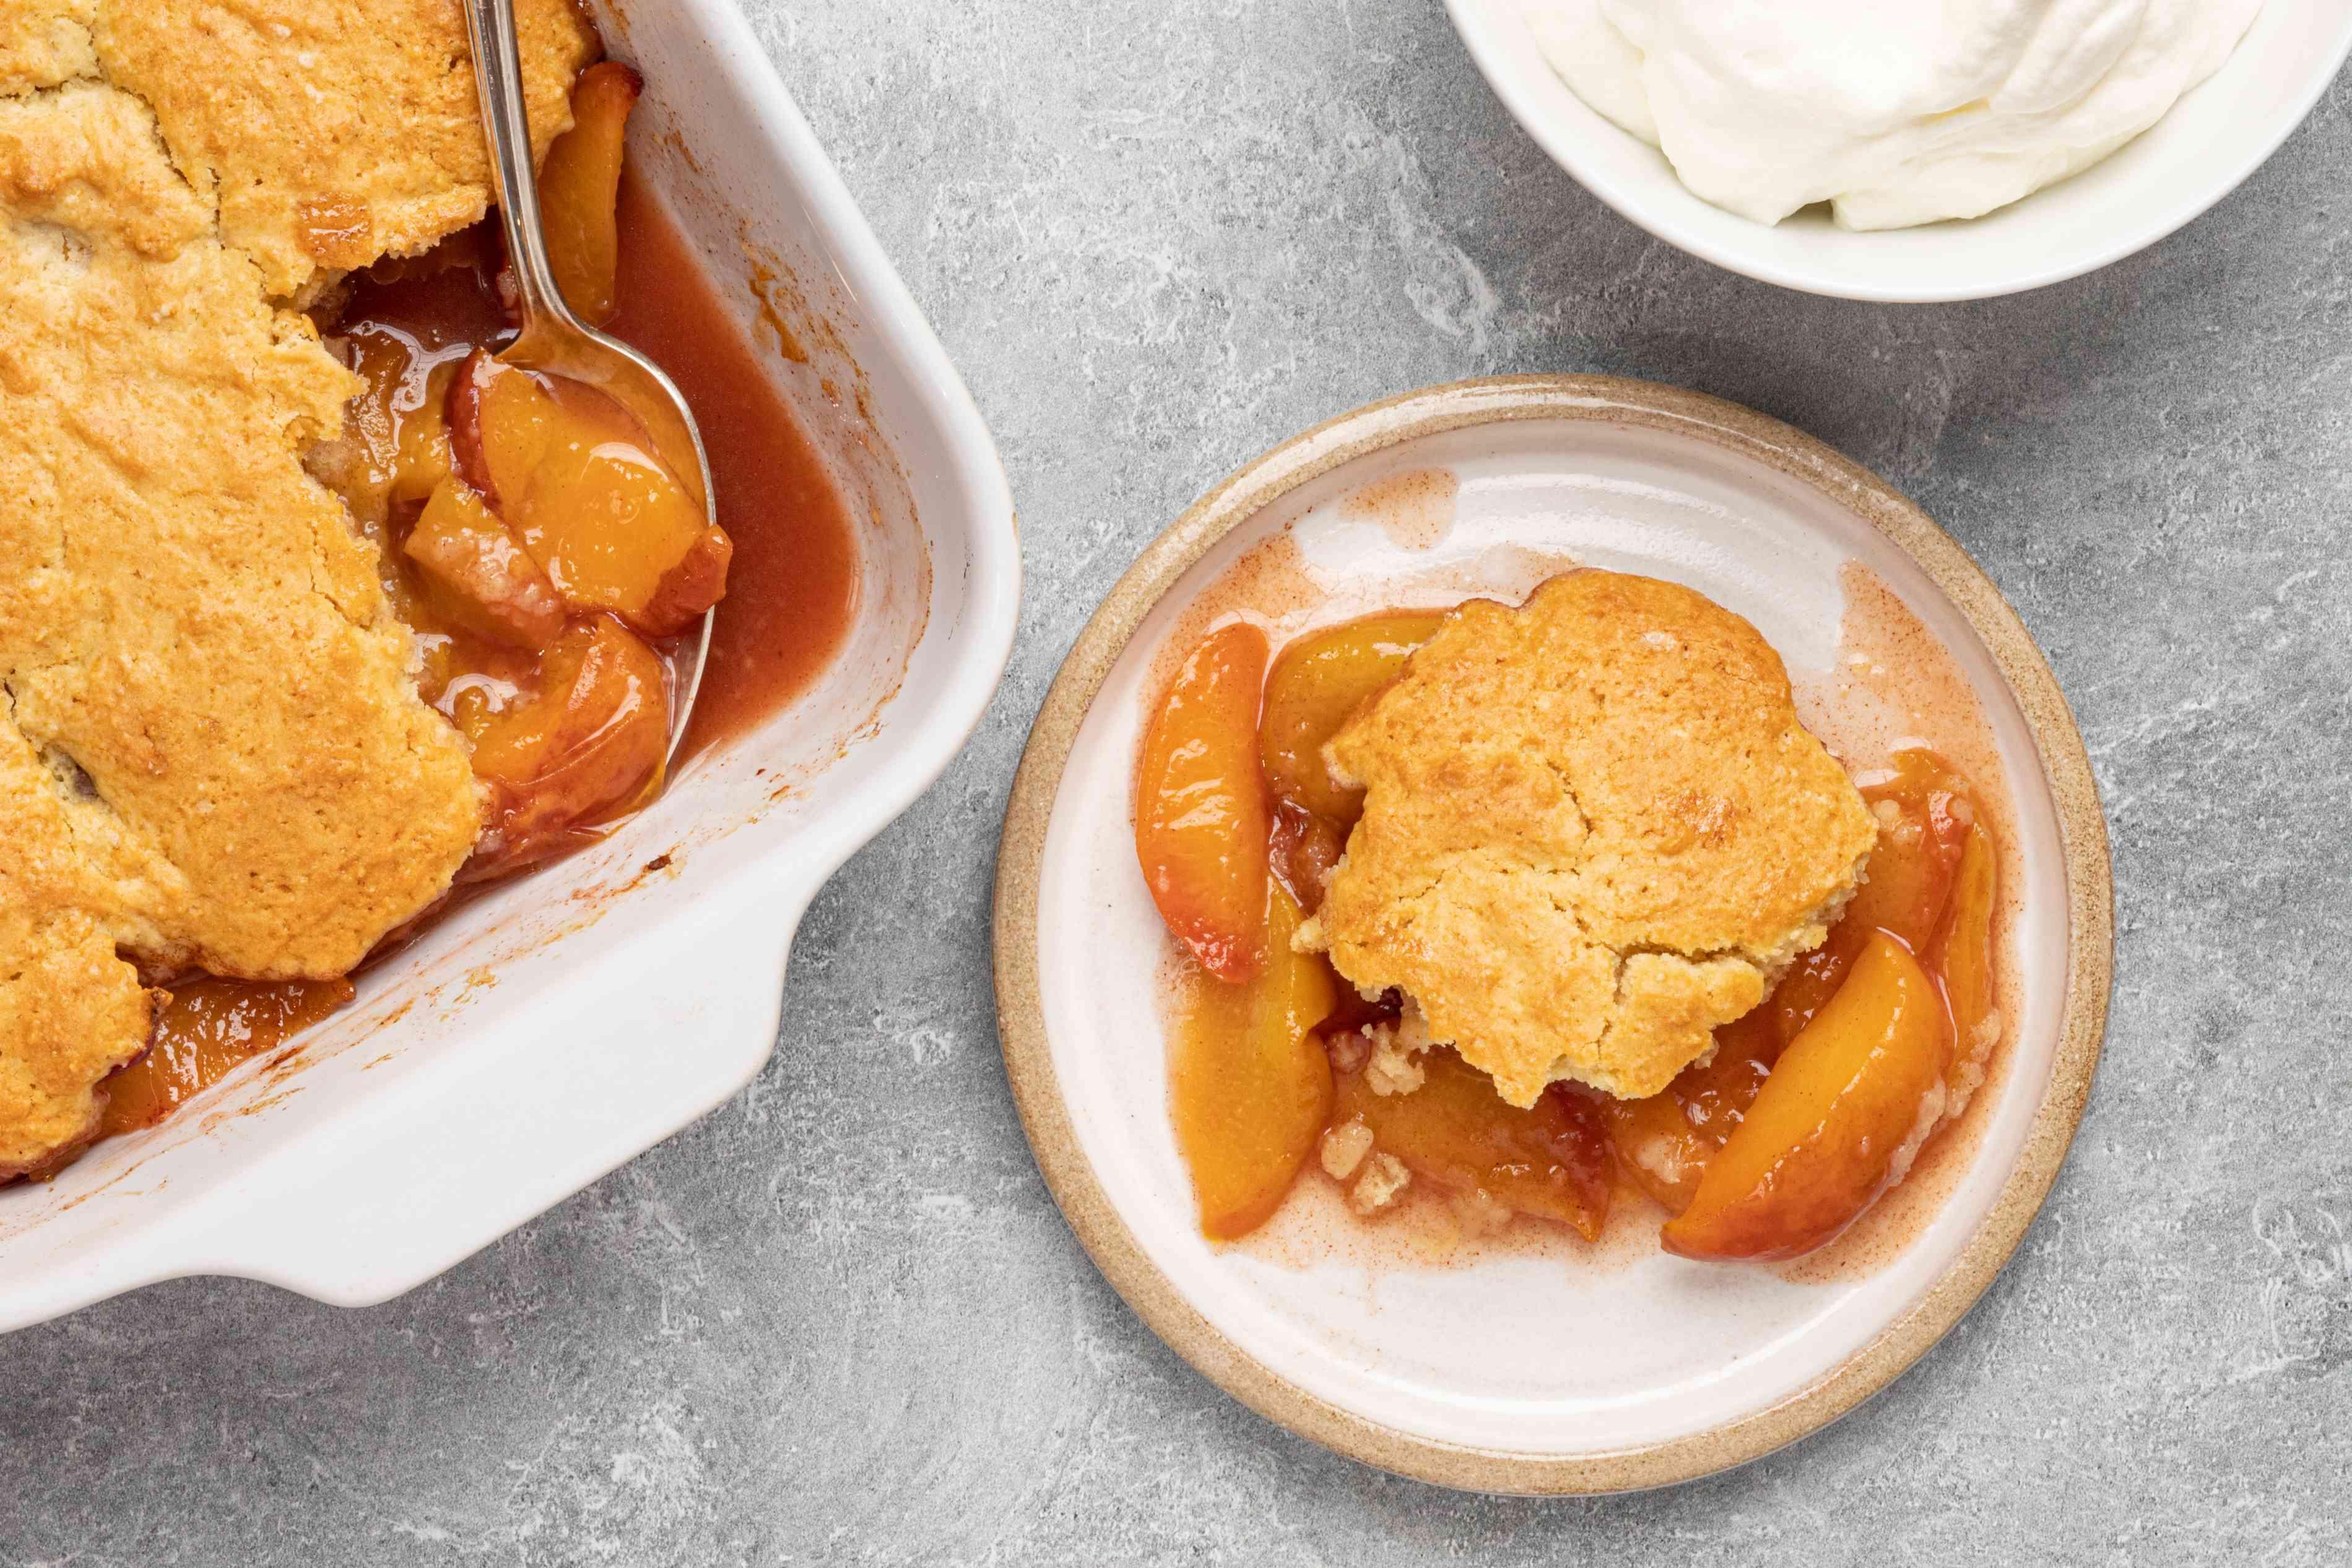 a classic peach cobbler with fresh peaches